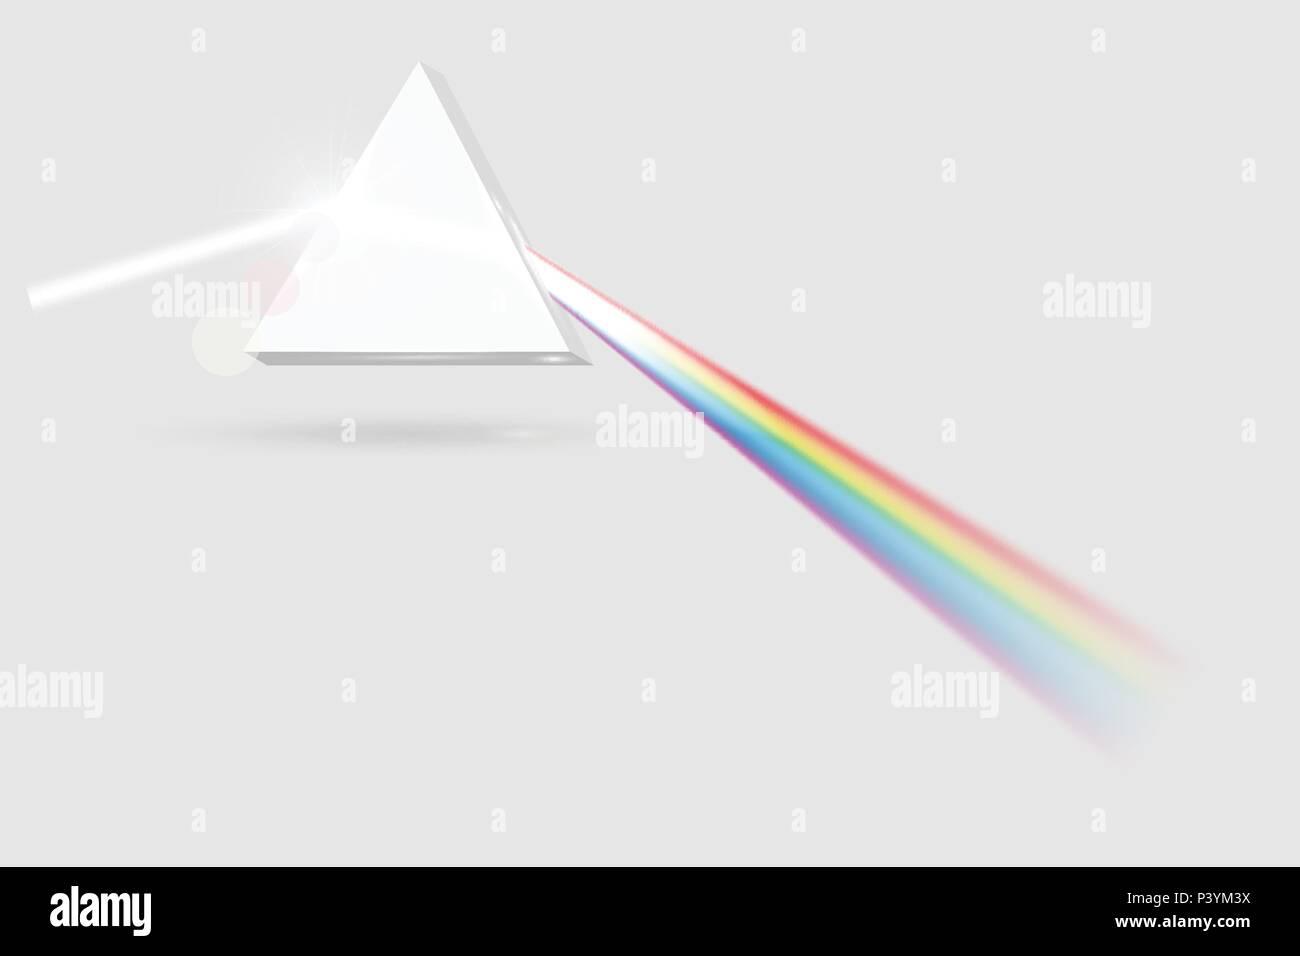 Spectrum Prism Stock Photos Amp Spectrum Prism Stock Images